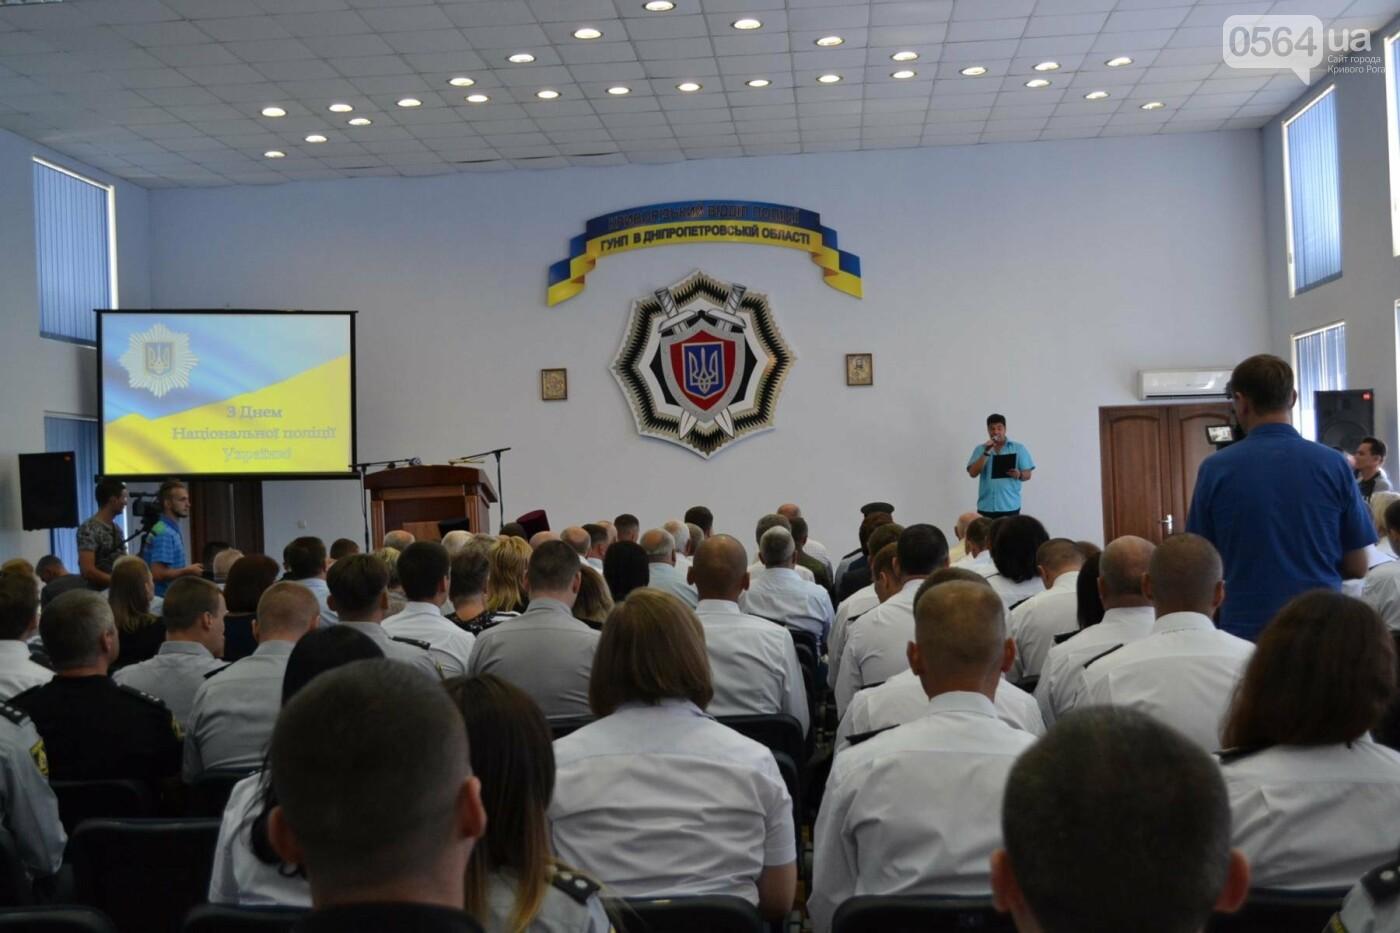 Криворожских полицейских поздравили с профессиональным праздником, - ФОТО, ВИДЕО, фото-1